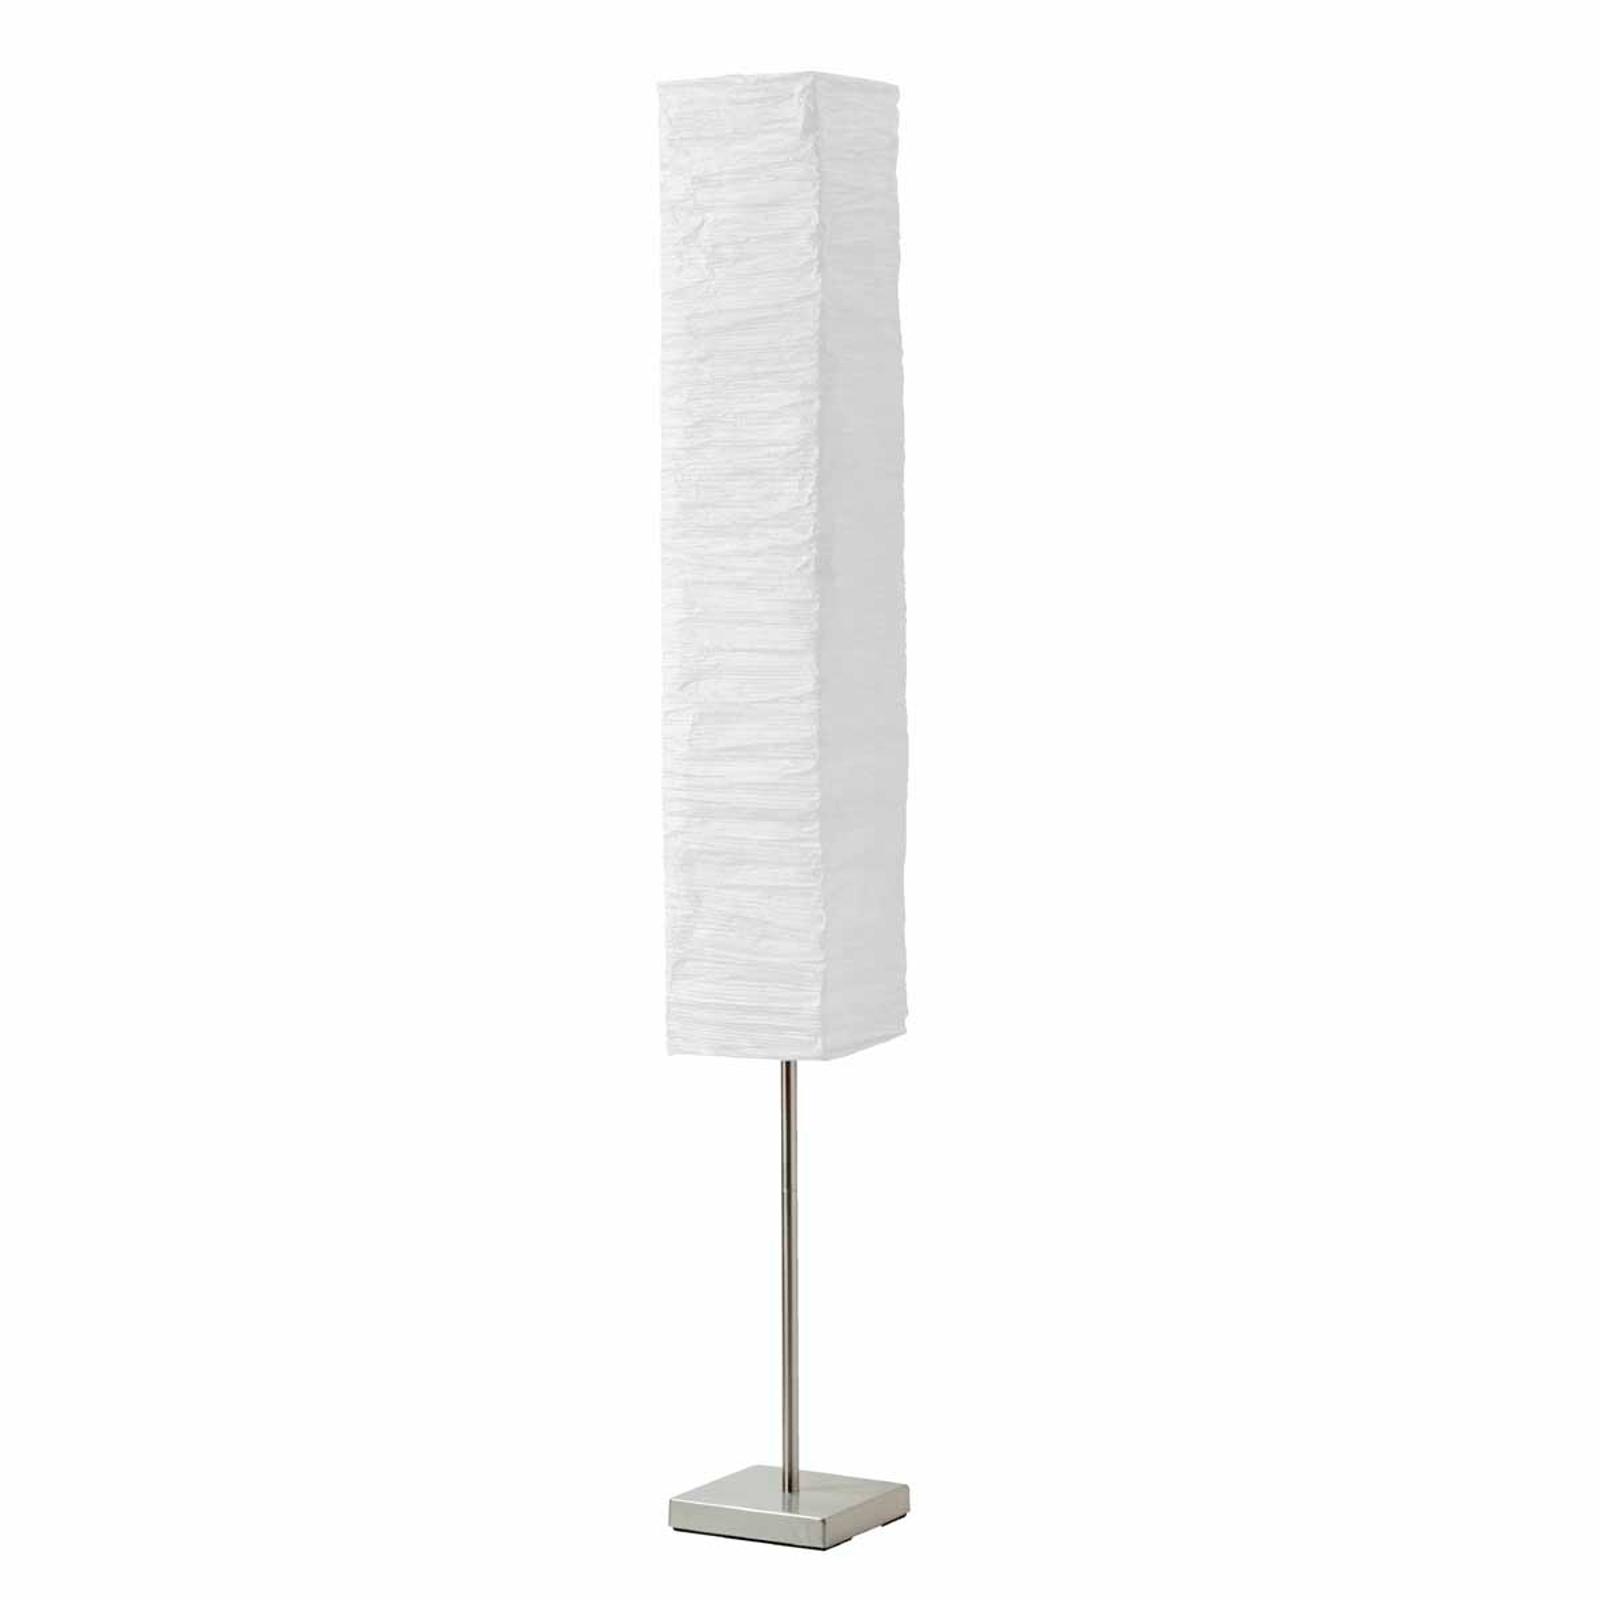 Všestranná stojaca lampa Nerva biela_1508180_1